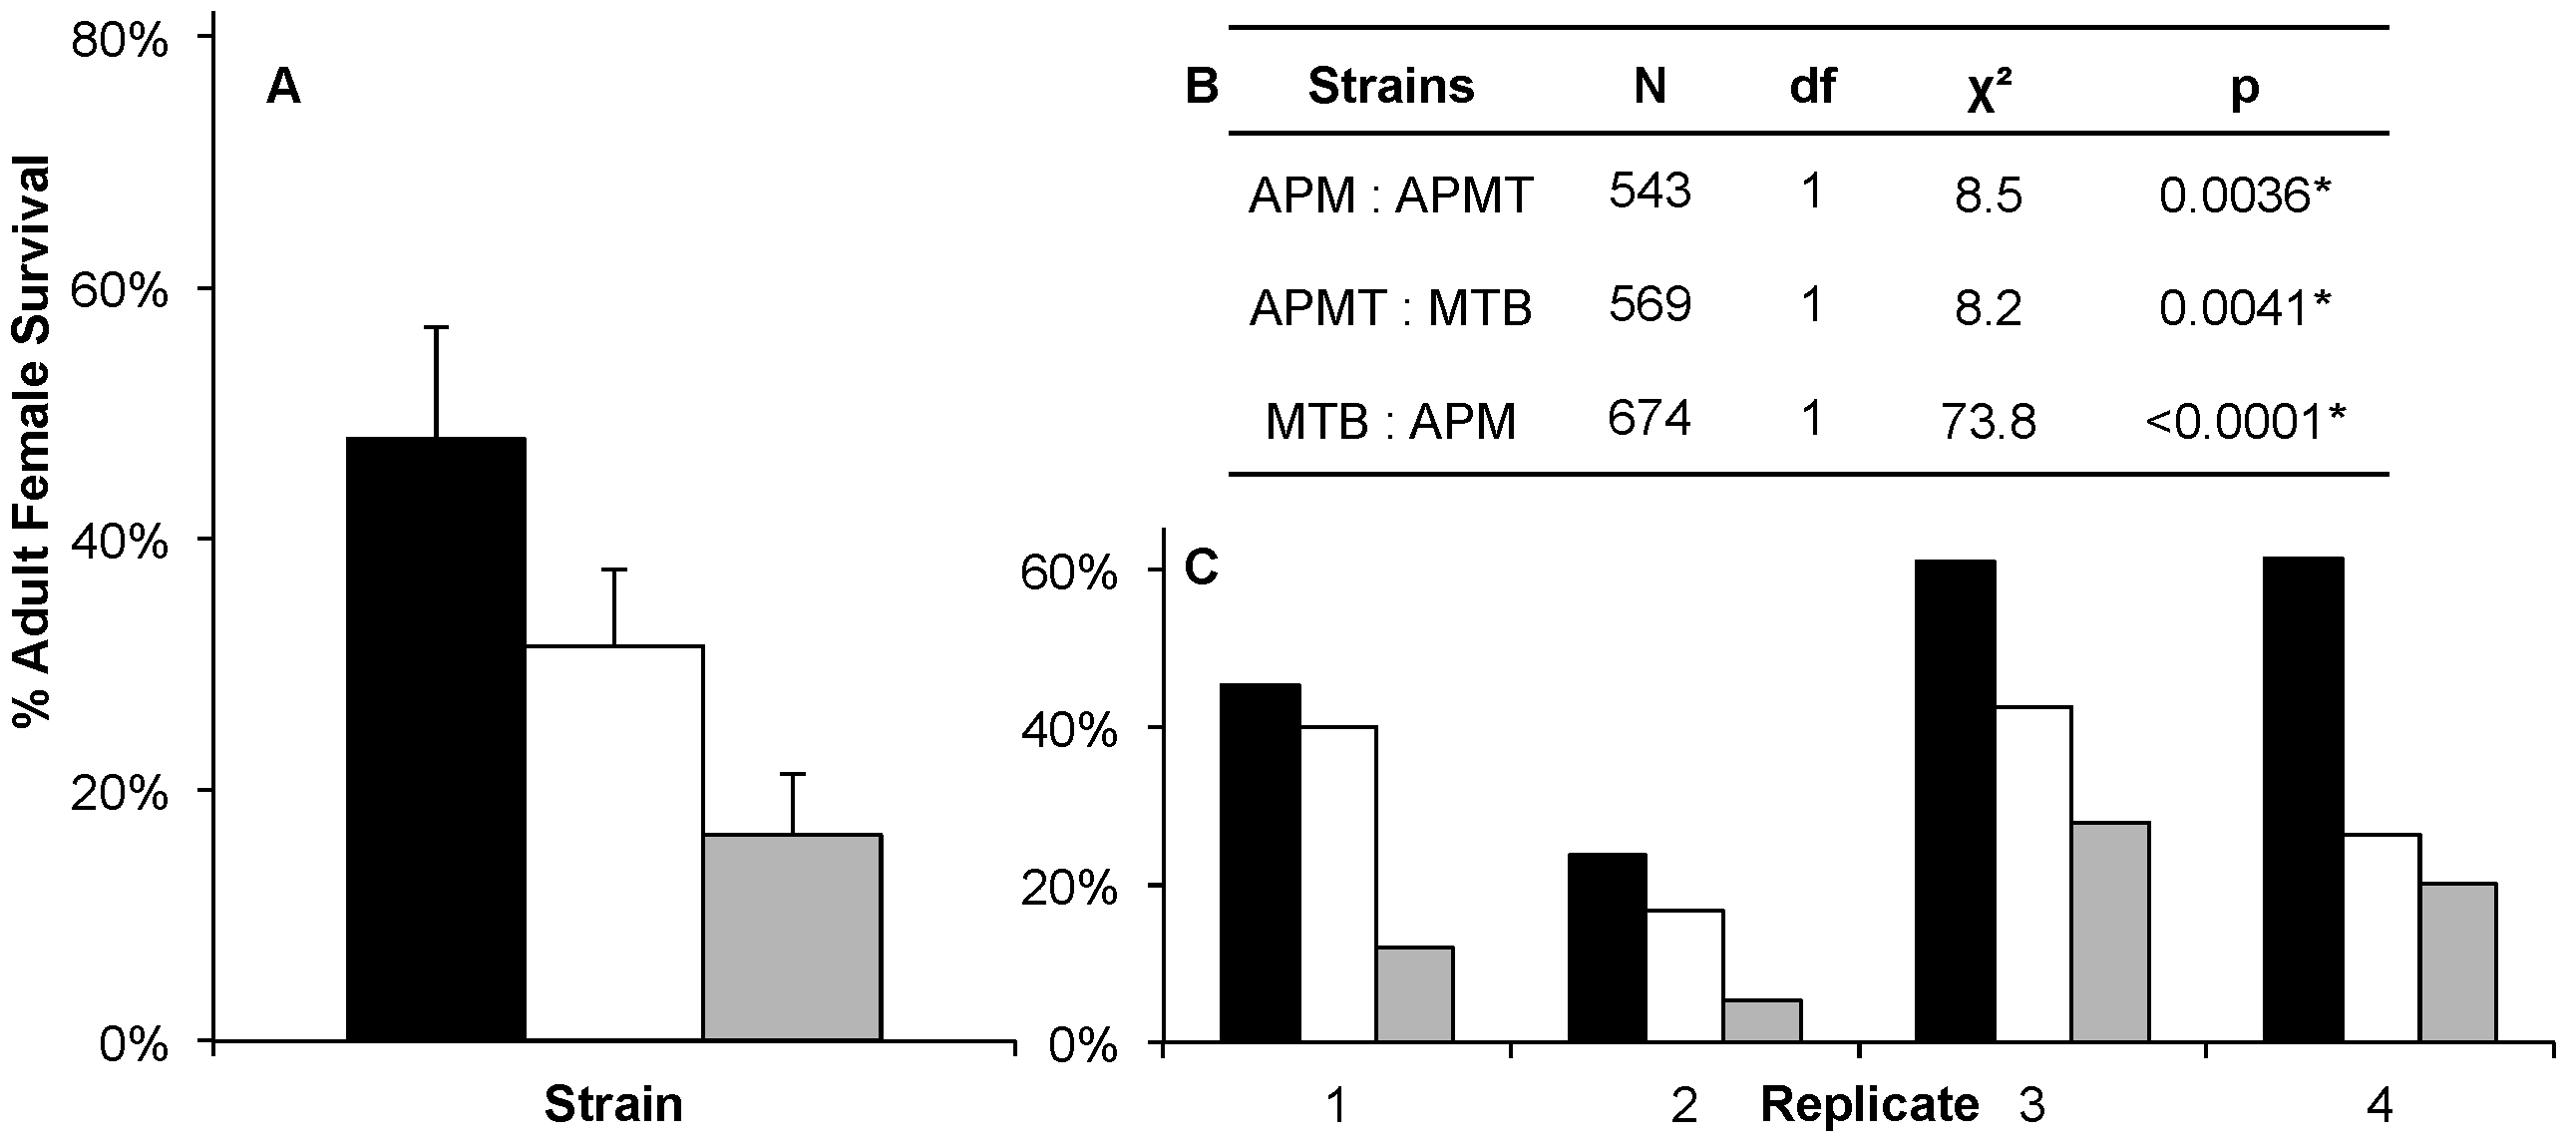 Survivorship of <i>Ae. polynesiensis</i> strains after a <i>Brugia</i>-infected blood meal.